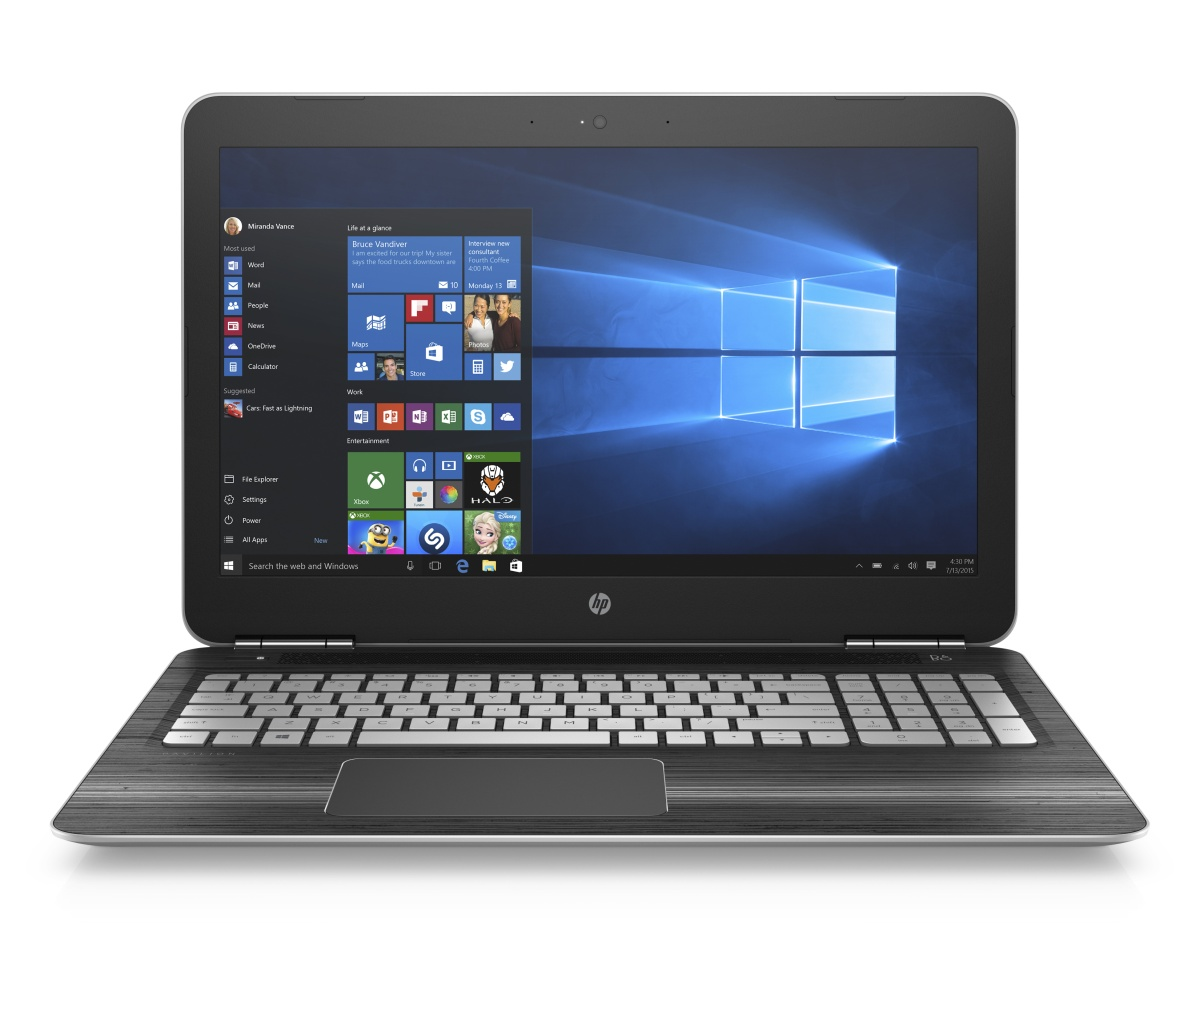 """HP Pavilion gaming 15-bc203nc/Intel i7-7700HQ/16GB/256 GB SSD + 1TB/ GTX 1050 4GB/15,6"""" UHD/Win 10/stříbrná"""